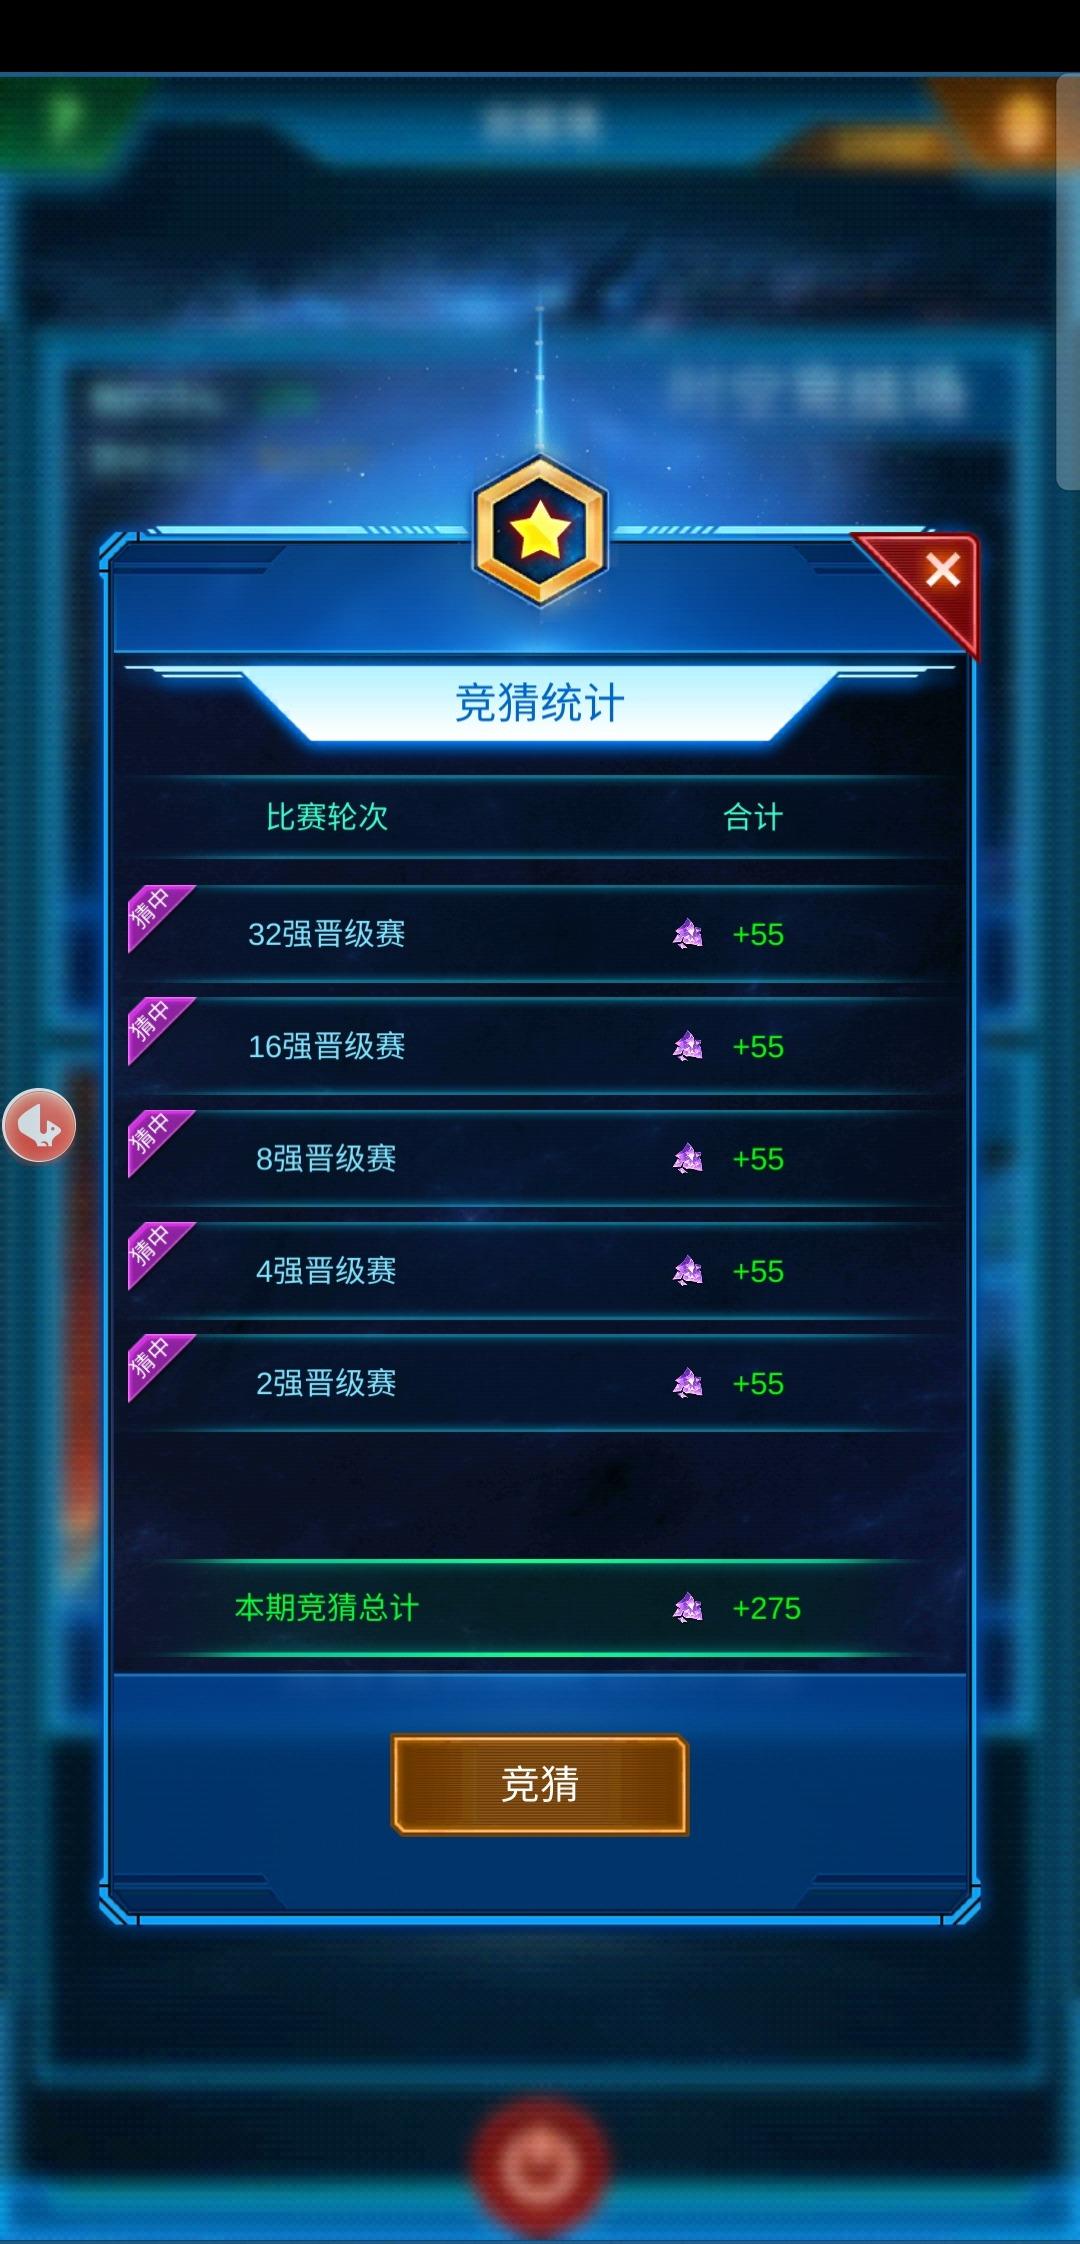 Screenshot_20201121_150306_com.xhzfz.mobile.xjjd.jpg